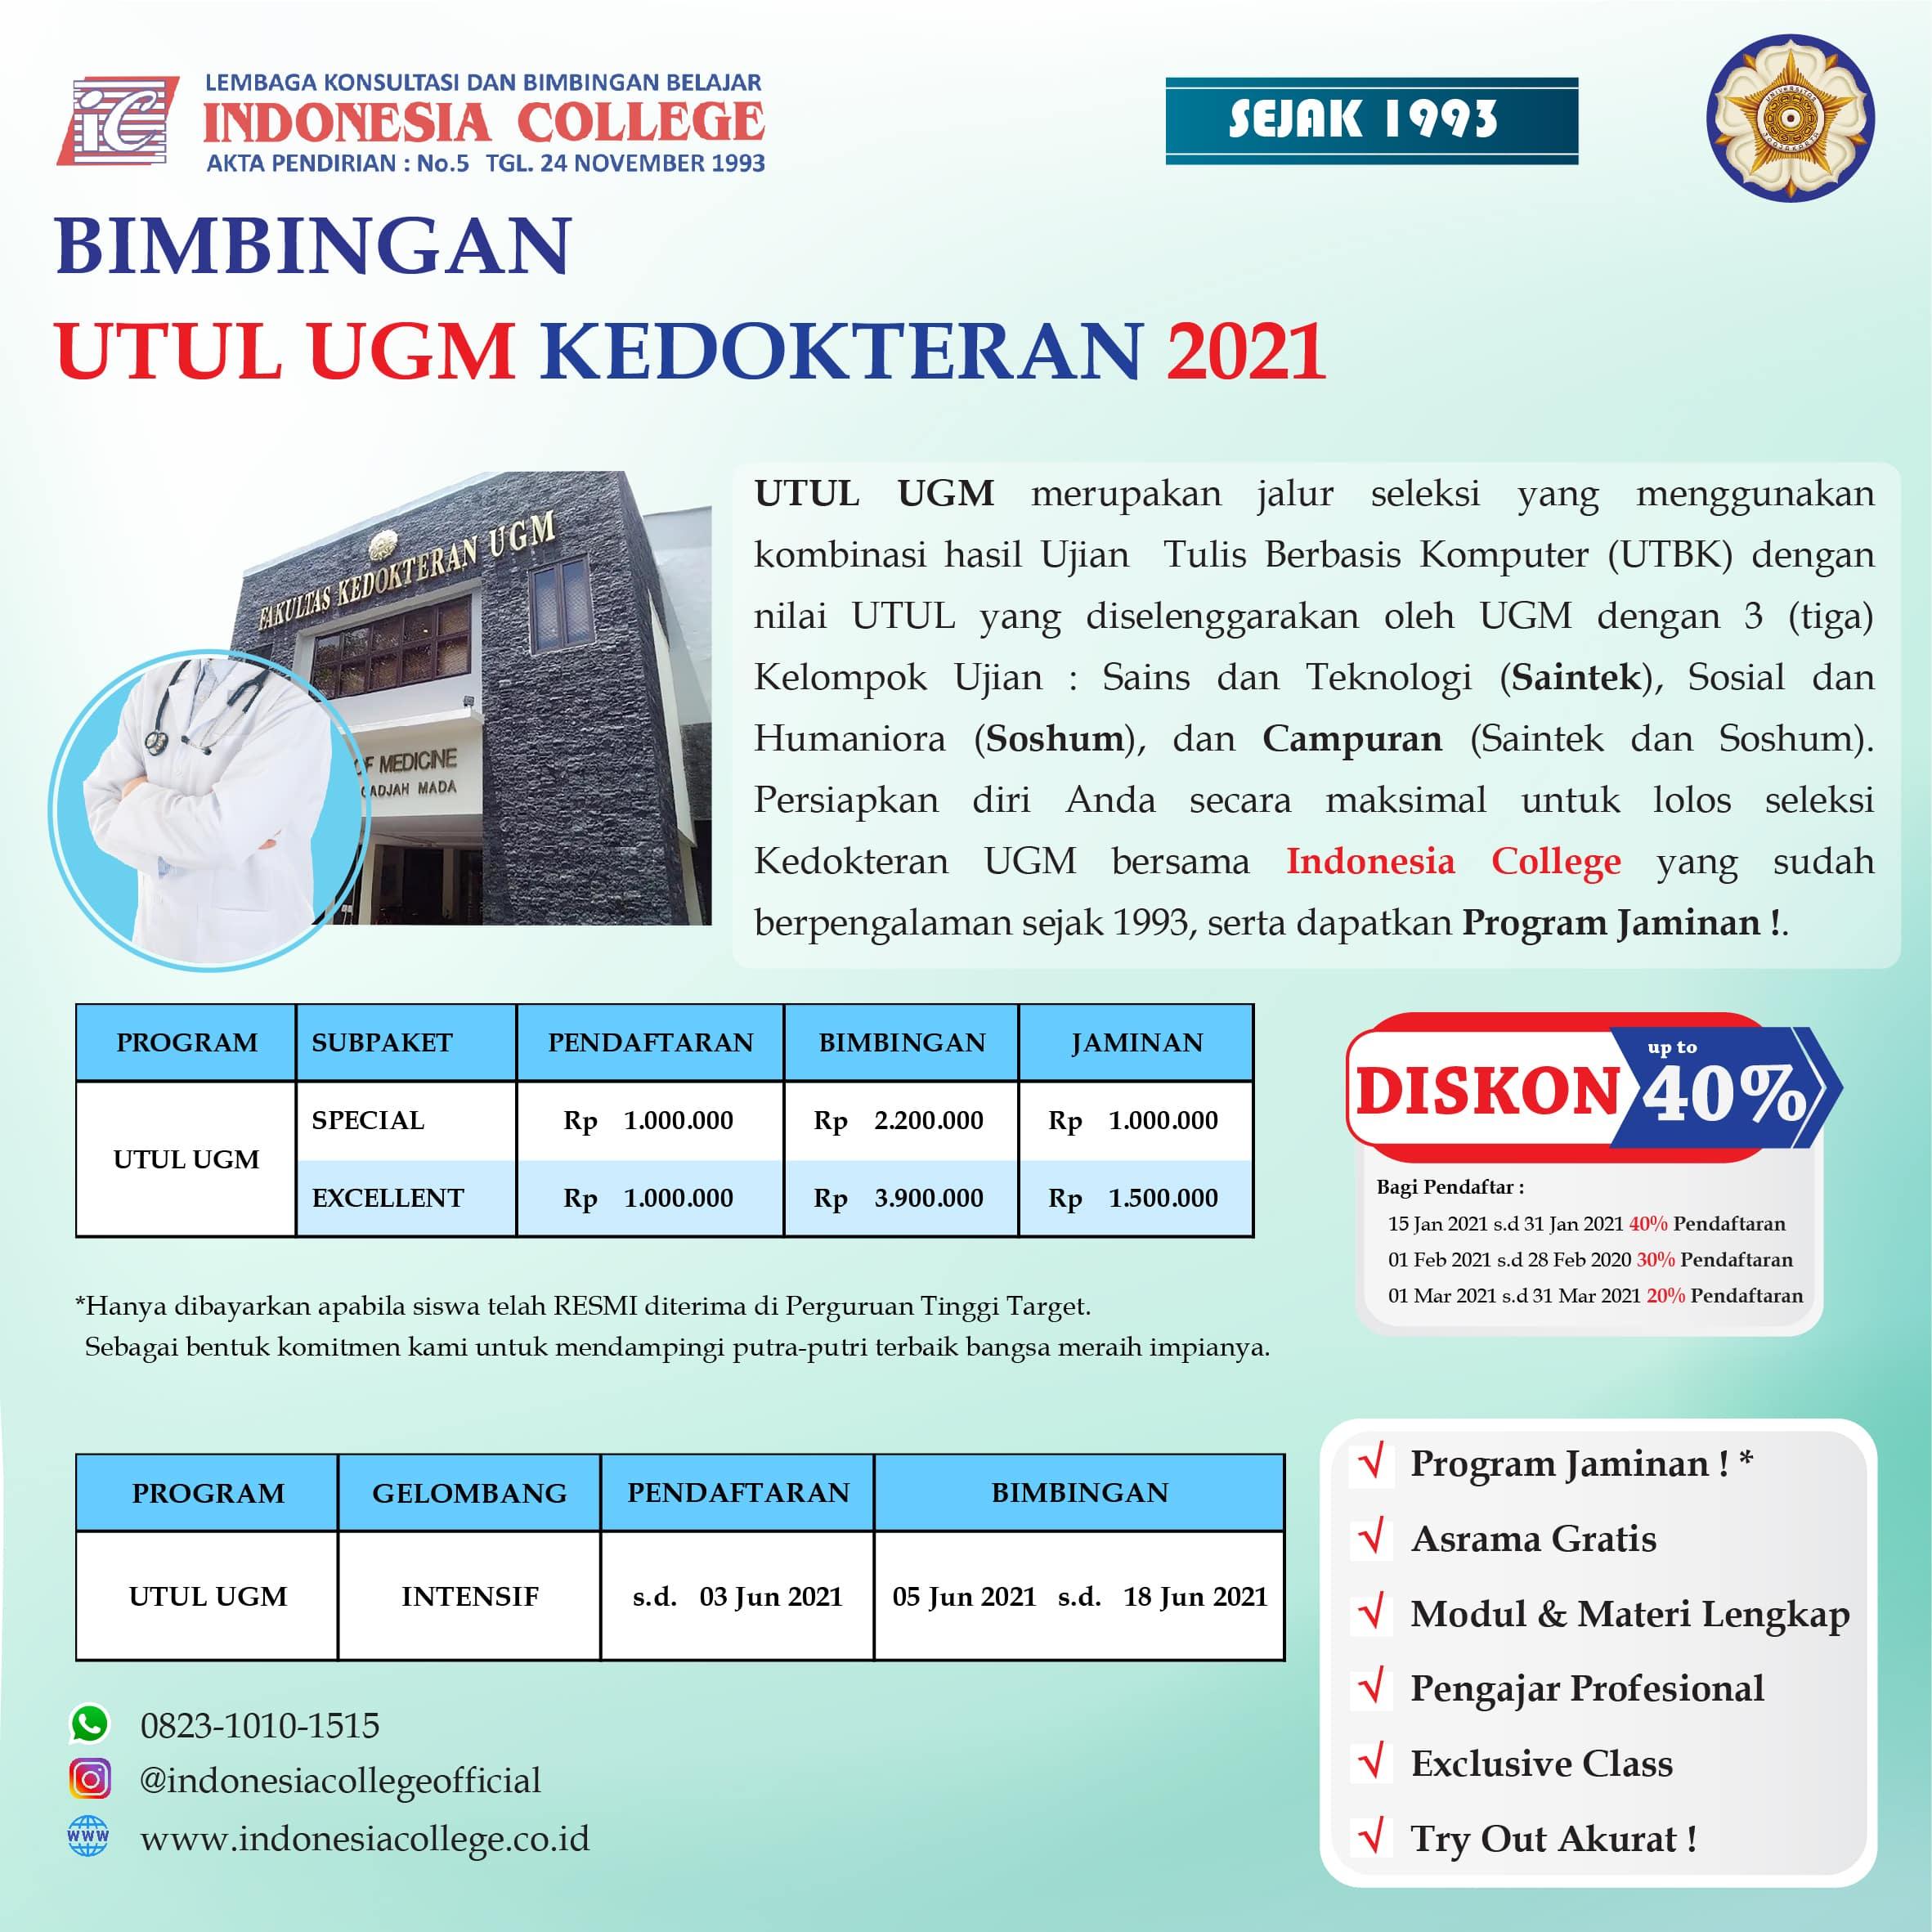 BIMBEL UTUL UGM 2021 (HARGA) PART-02-min